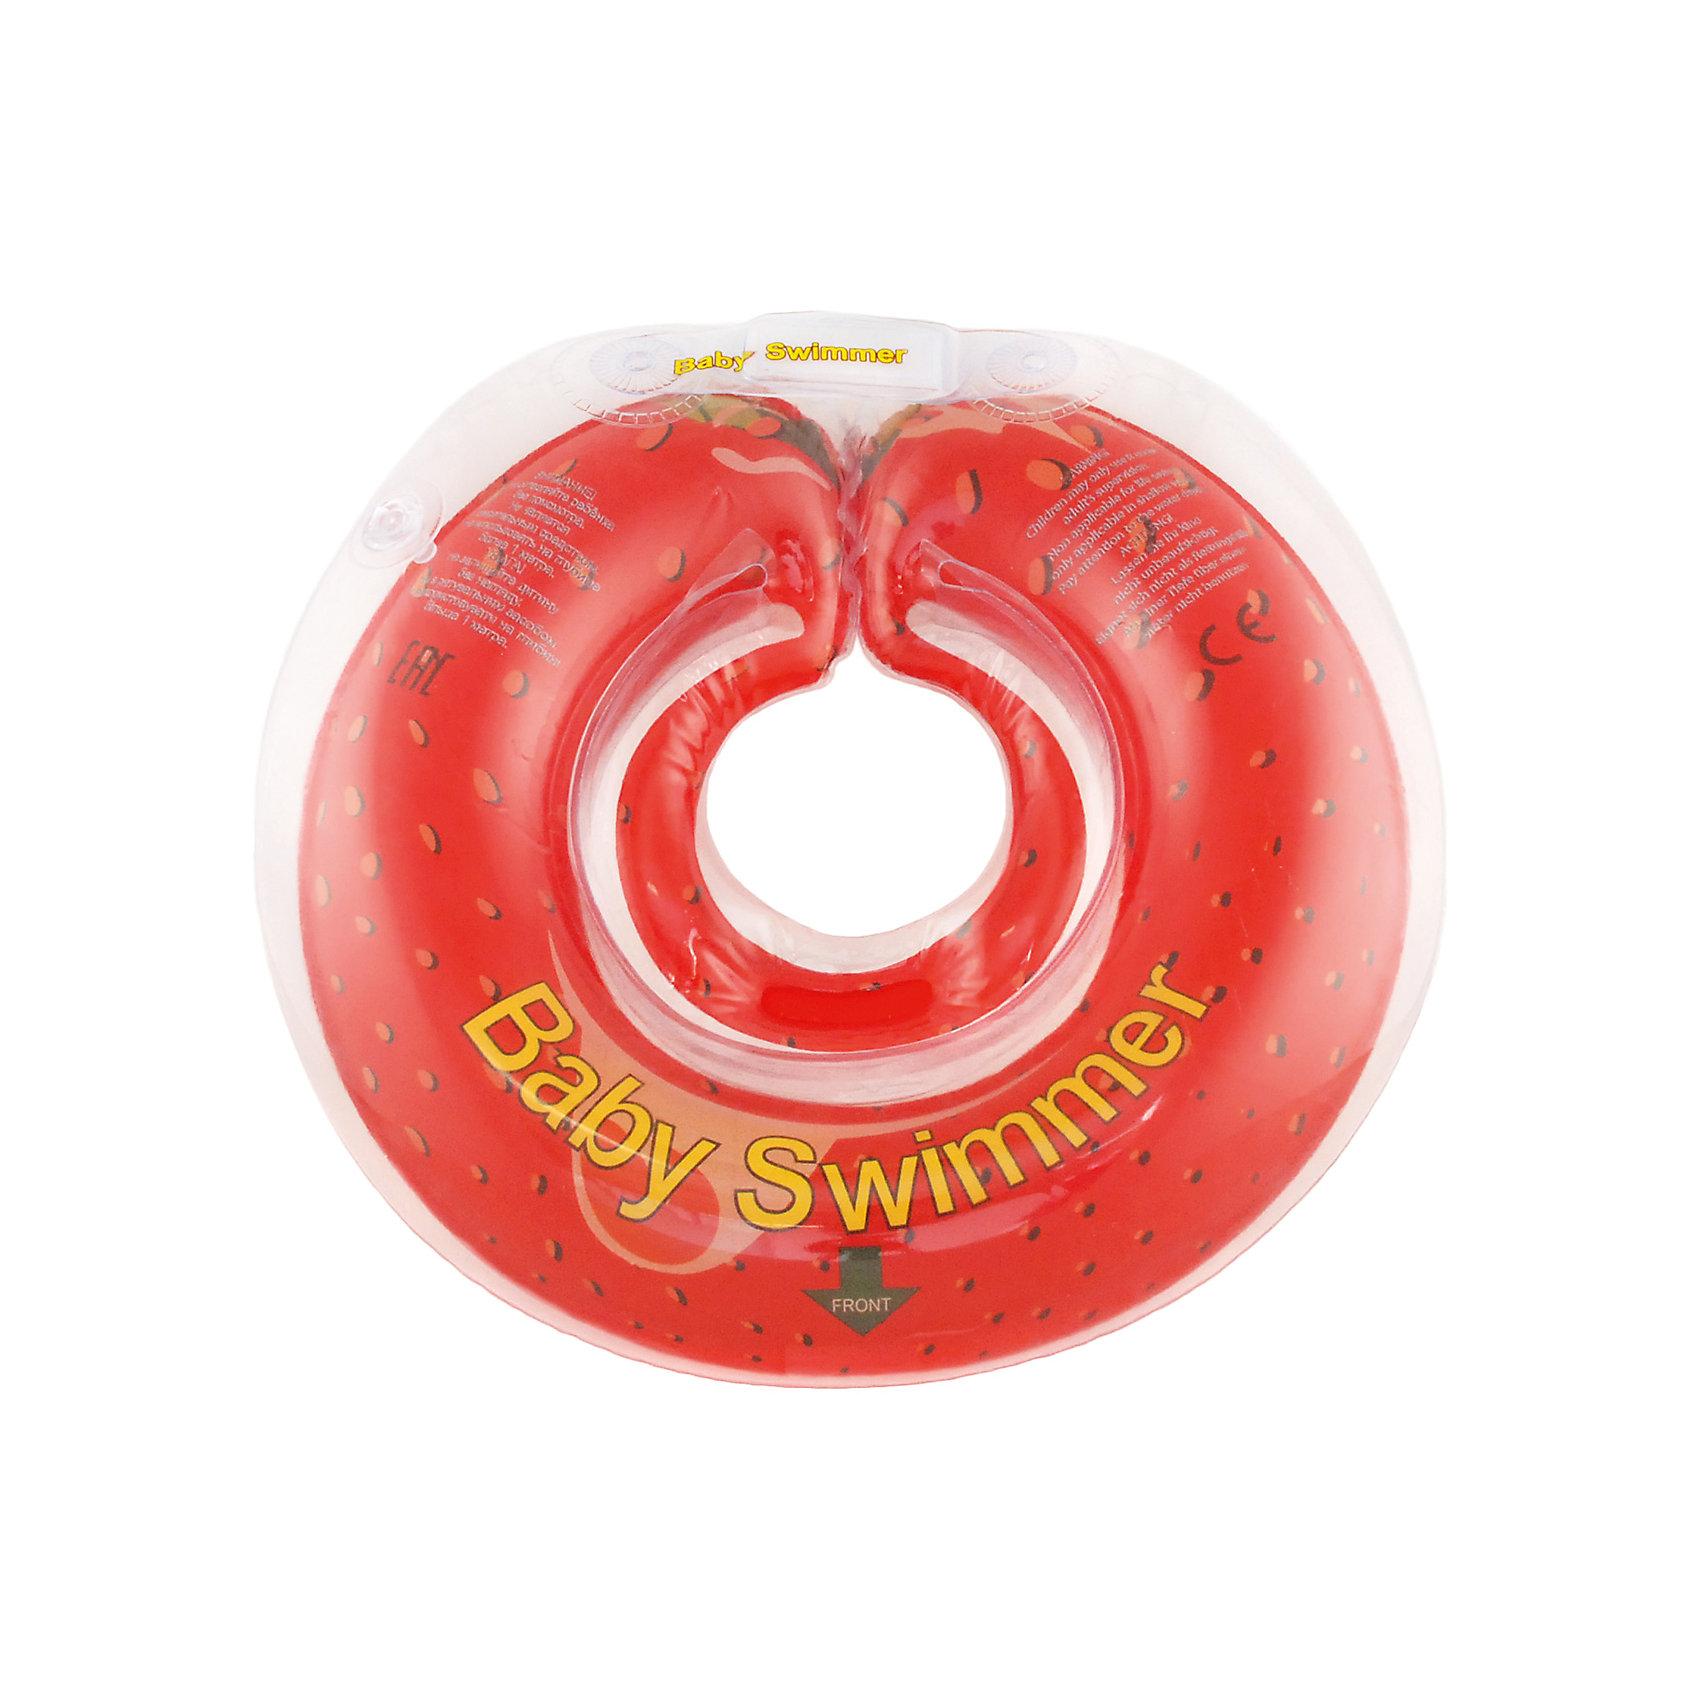 Baby Swimmer Круг для купания Клубничка BabySwimmer, красный baby swimmer на шею для плавания клубничка красный